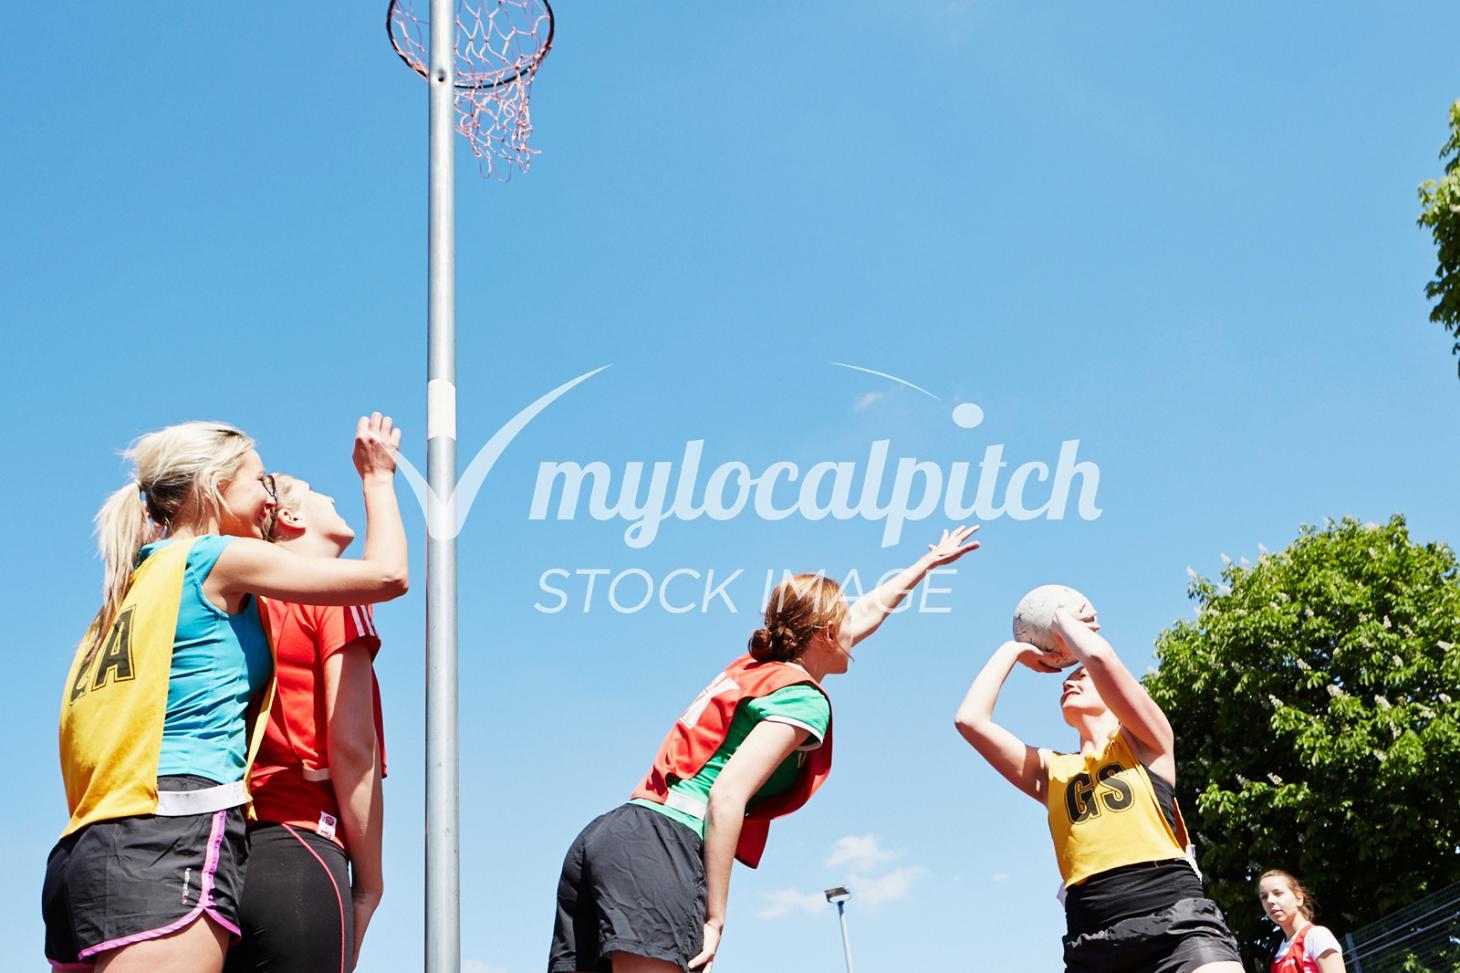 Eastbrook School Indoor netball court